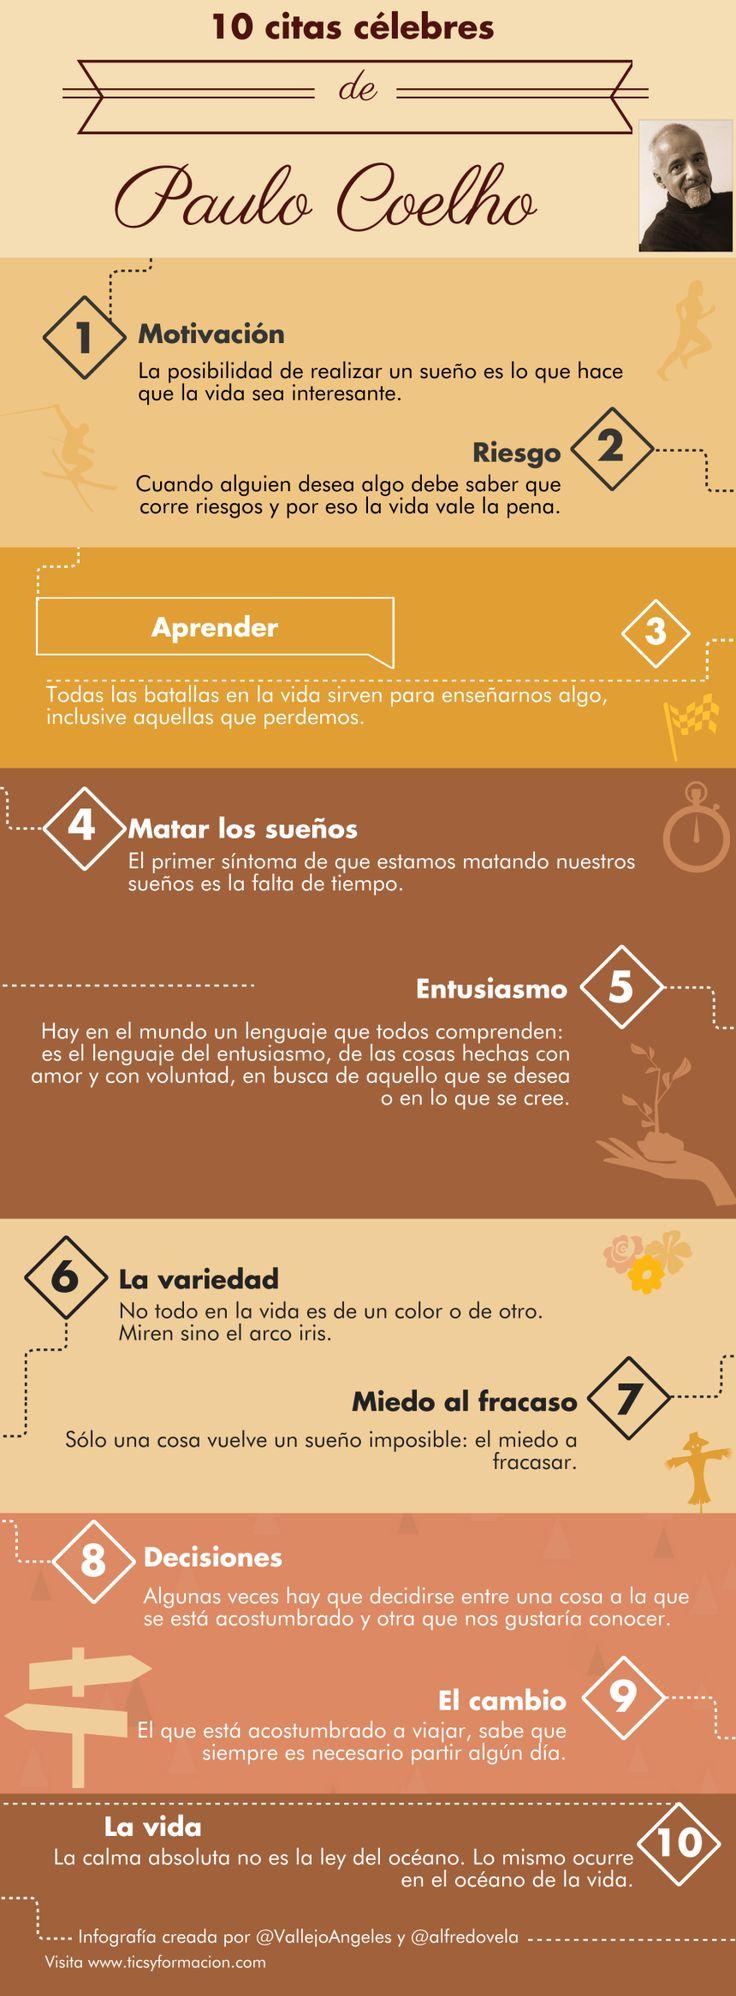 10 citas célebres de Paulo Coelho #infografia #infographic #citas #quotes